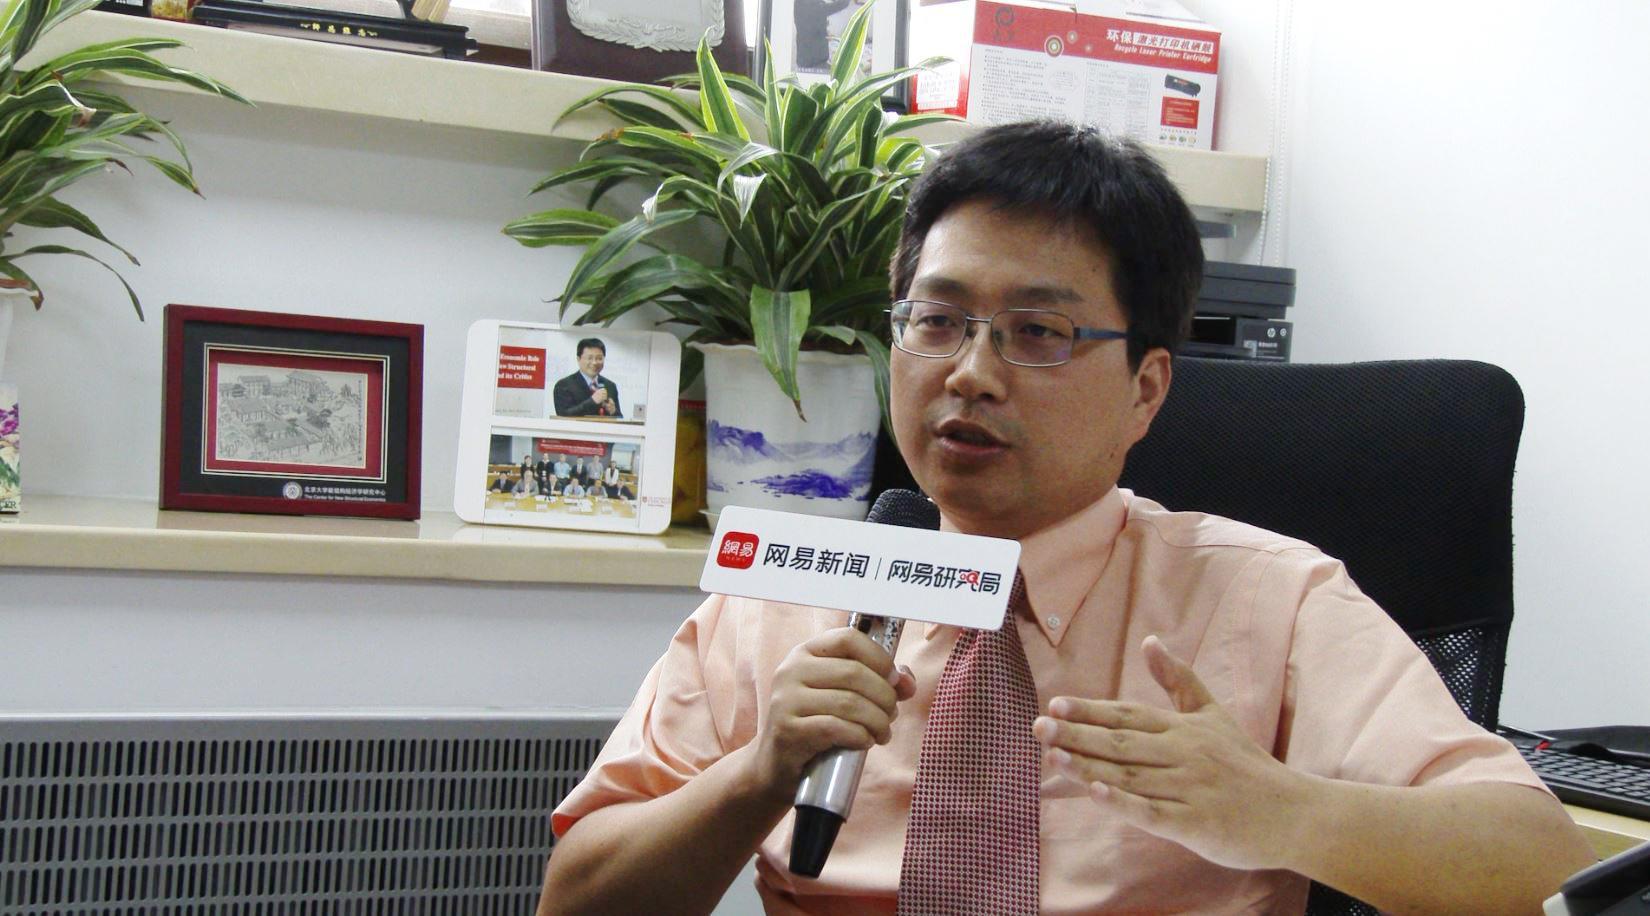 王勇:中国的目标不应只是跨越中等收入陷阱